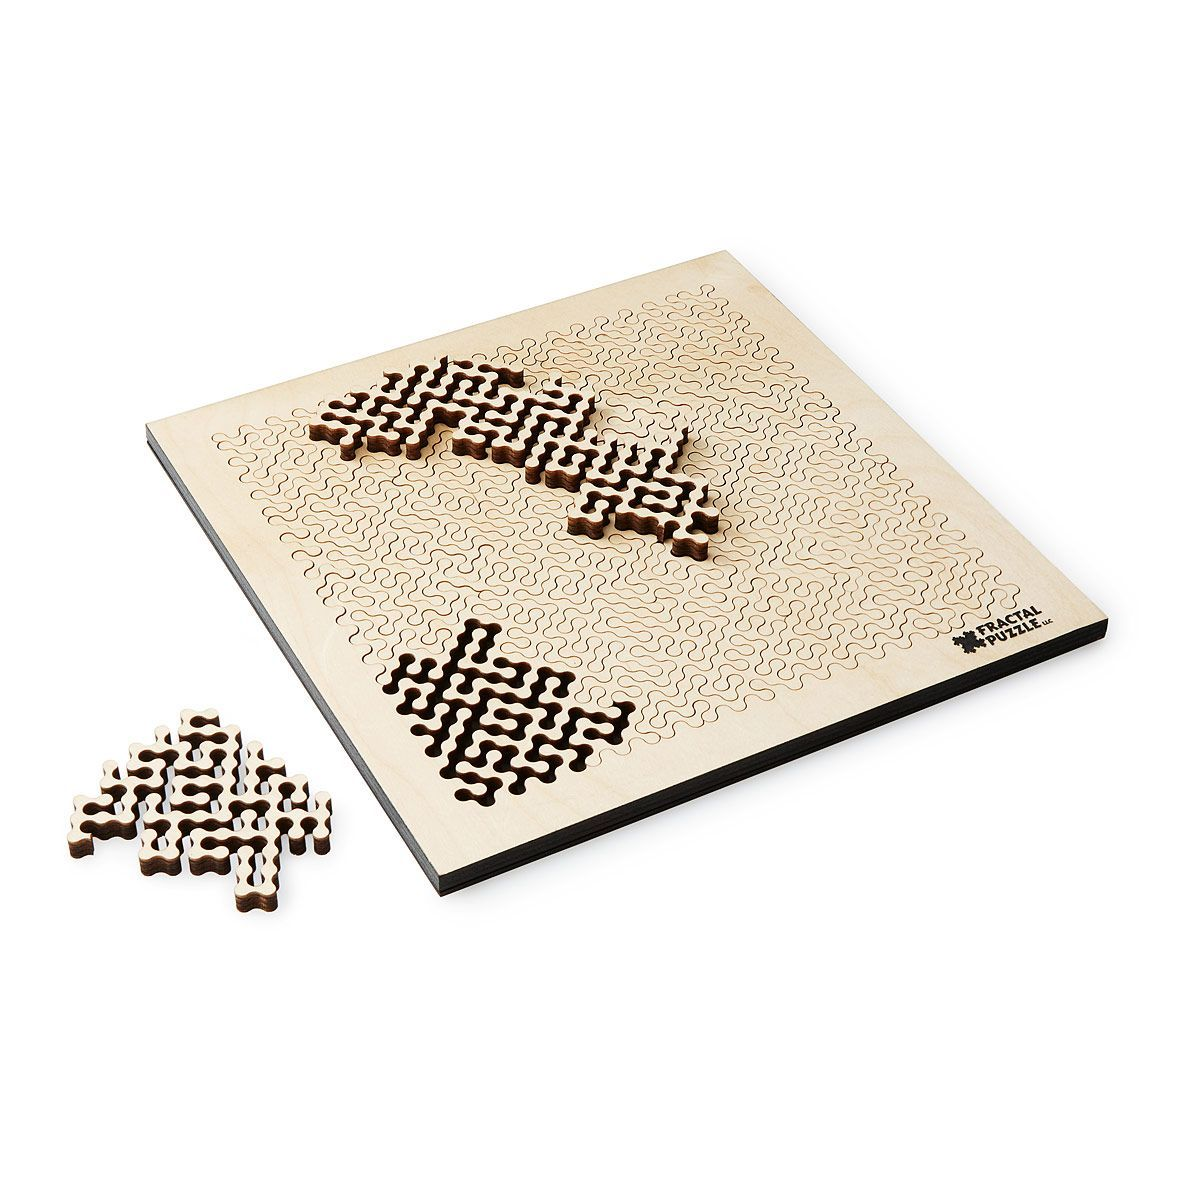 Fractal A Wooden Fractal Puzzle Products Puzzle Fractals